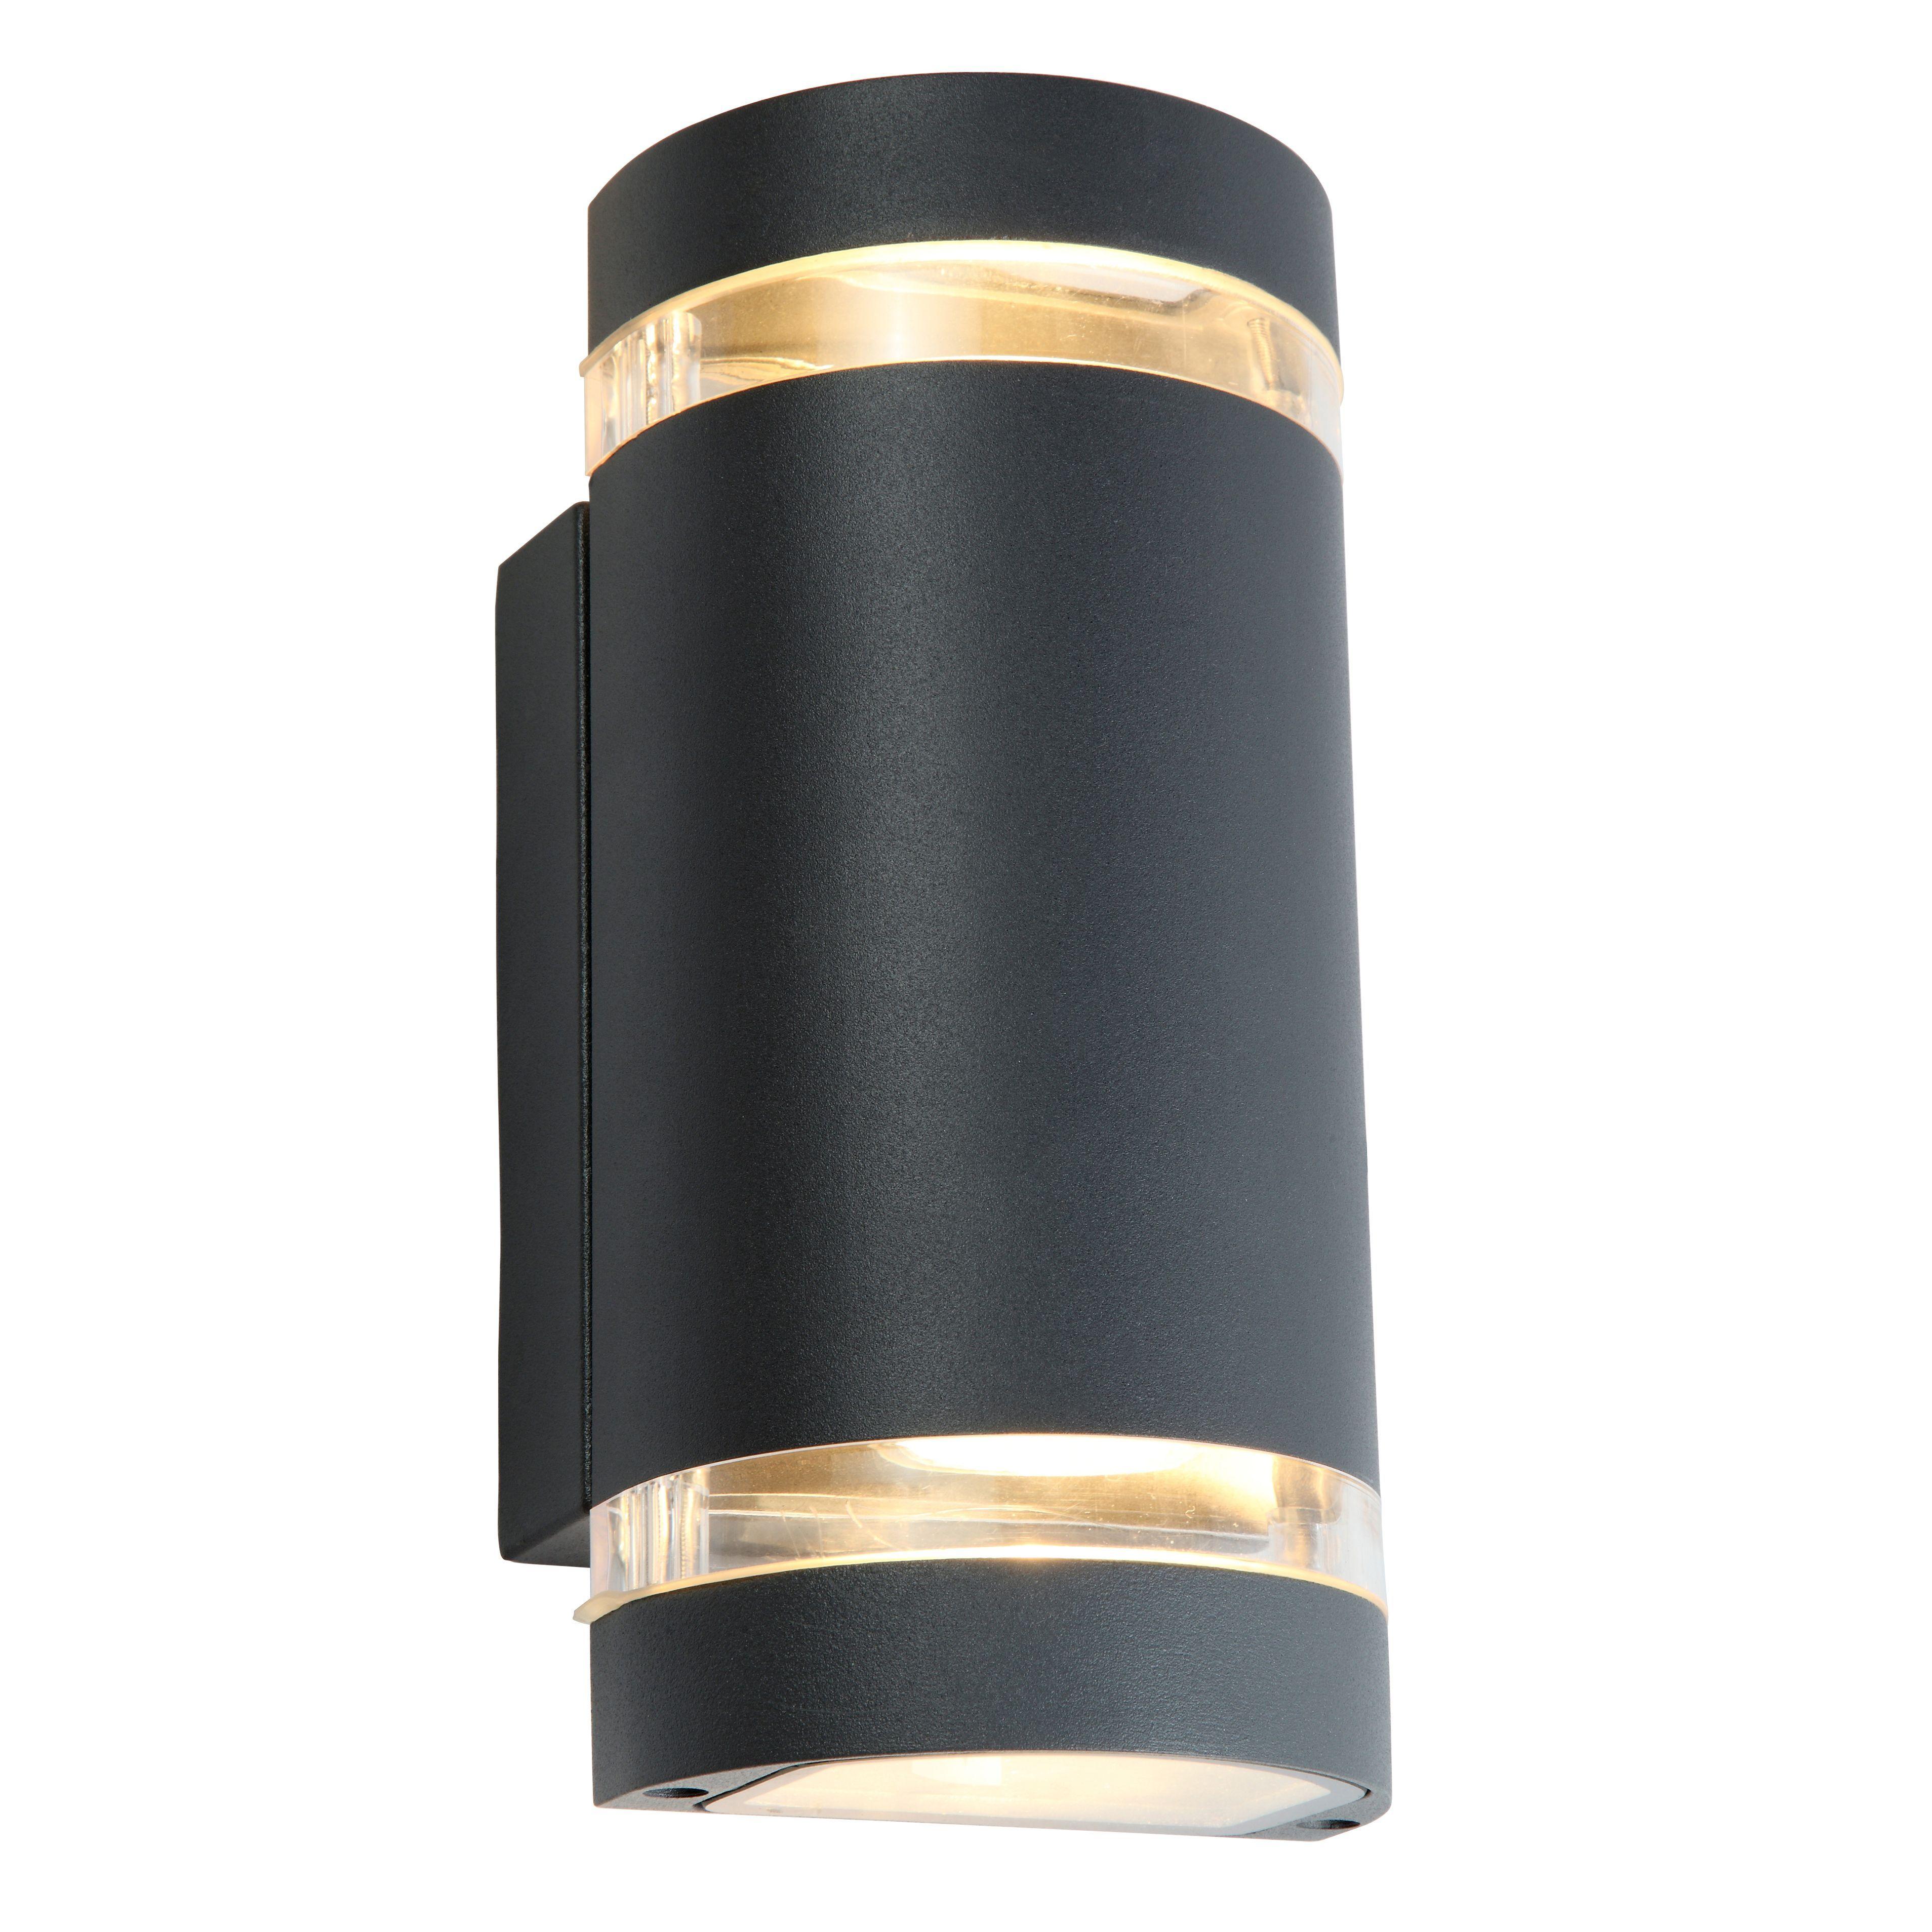 Blooma Lua Charcoal Grey Mains Powered Led Wall Light Departments Diy At B Q Wall Lights Diy Led Wall Lights Wall Lights